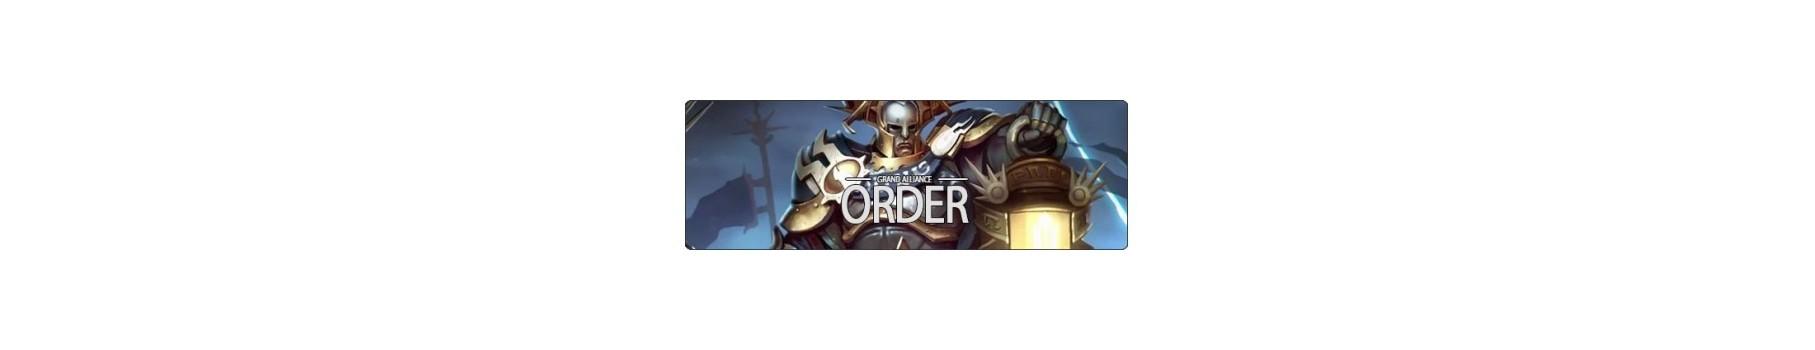 La Grande Alliance de l'Ordre - AoS de votre Ludicaire Au Chapeau Enchanté